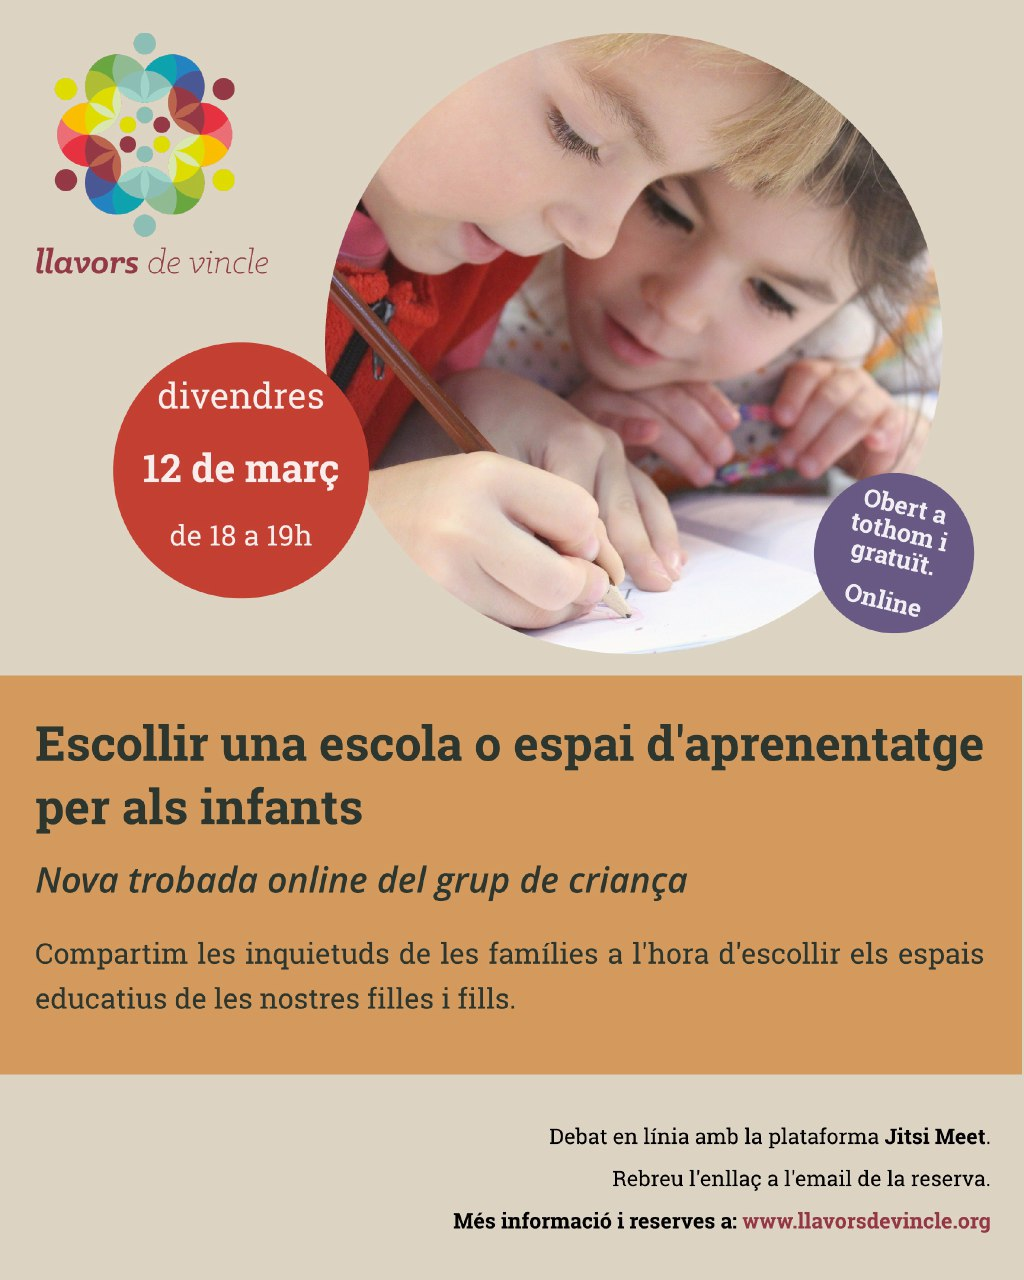 Escollir una escola o espai d'aprenentatge per als infants